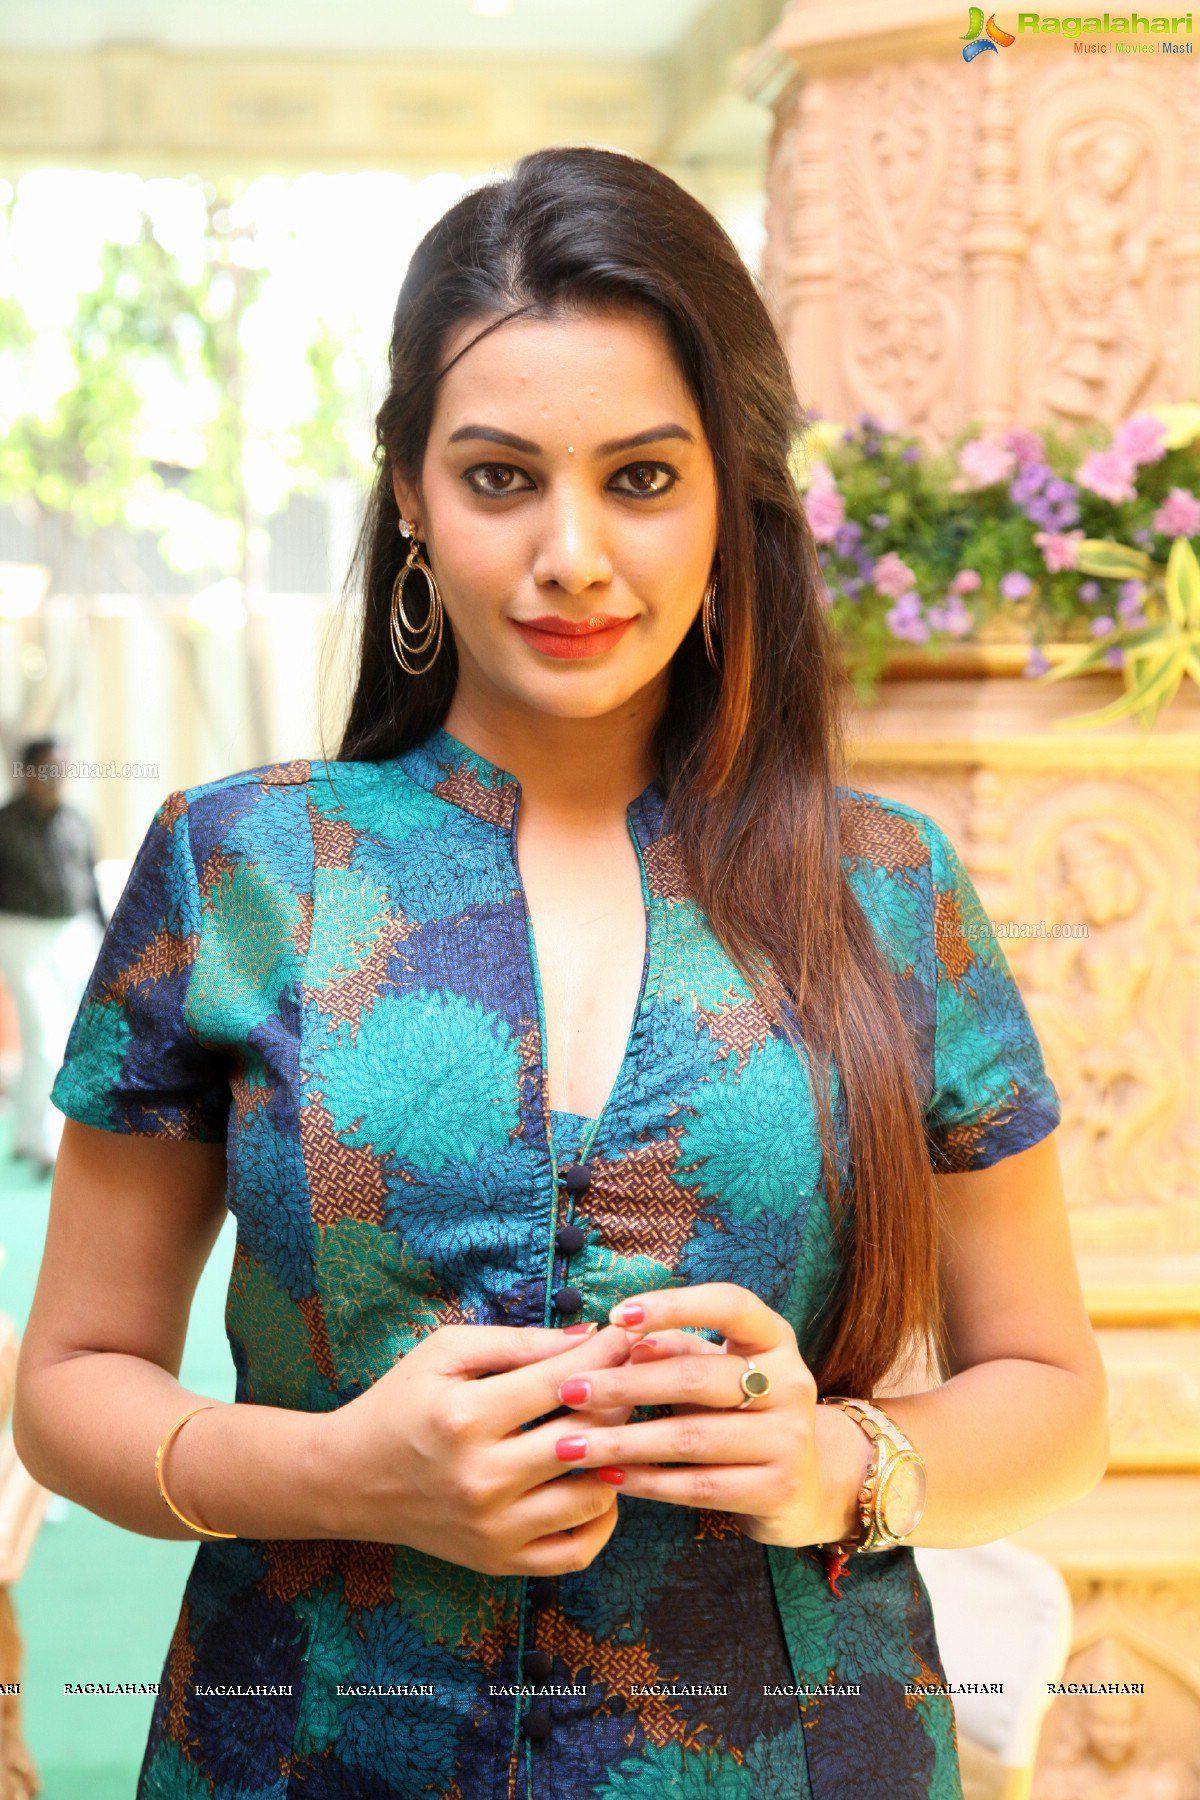 Bigg Boss Telugu Season 1 Participant Diksha Panth Photos